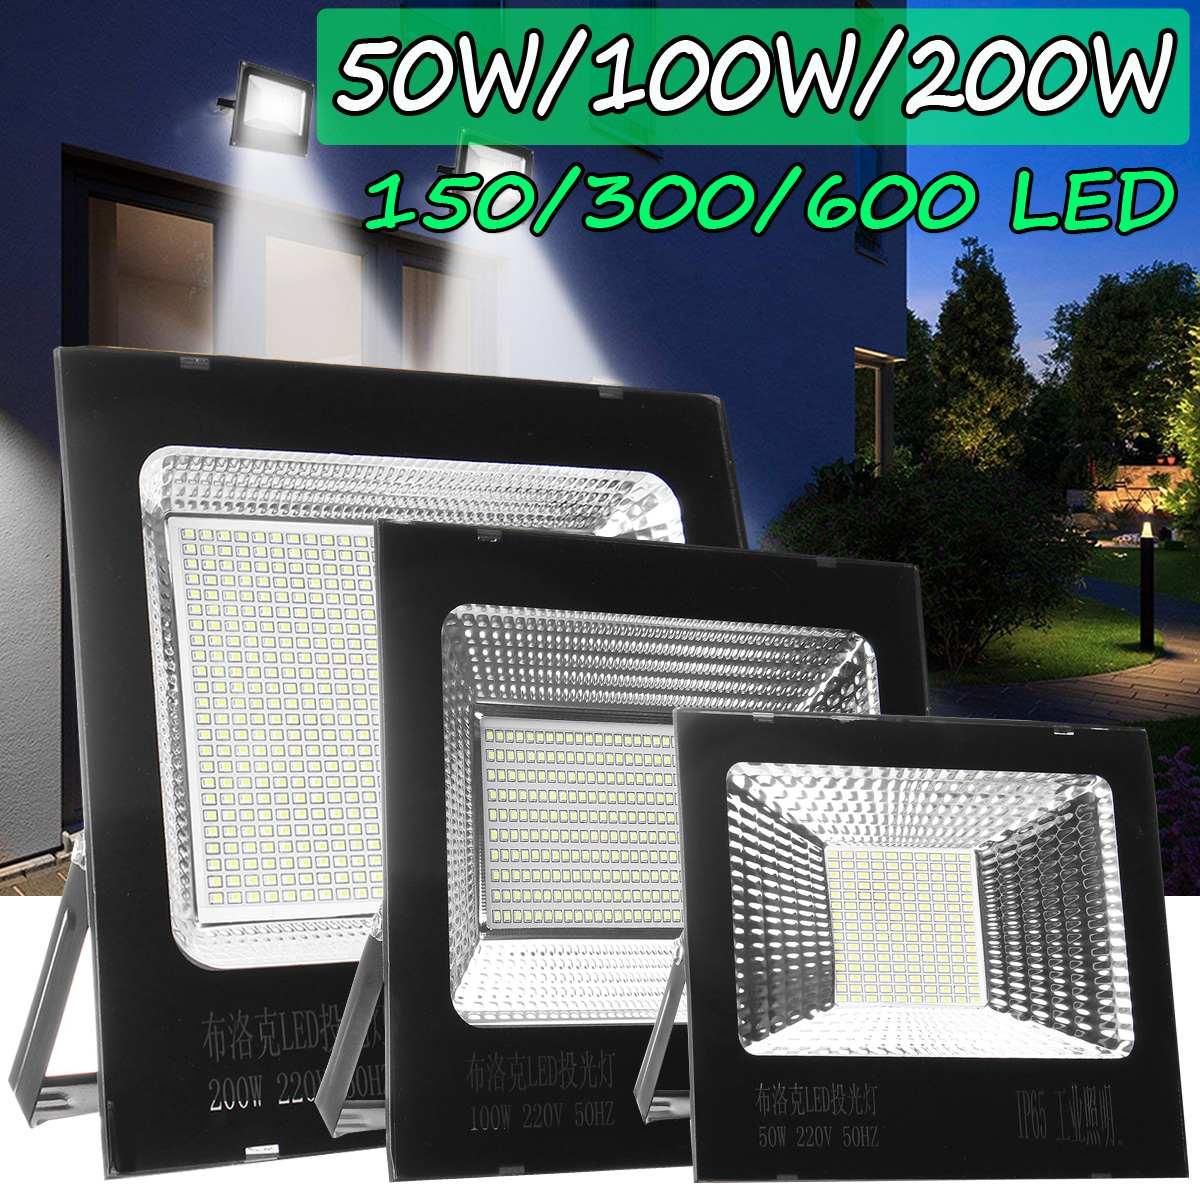 50W/100W/200W LED Floodlight Motion Projector Spotlight Outdoor Garden Street Security Reflector Flood Light Lamp Waterproof